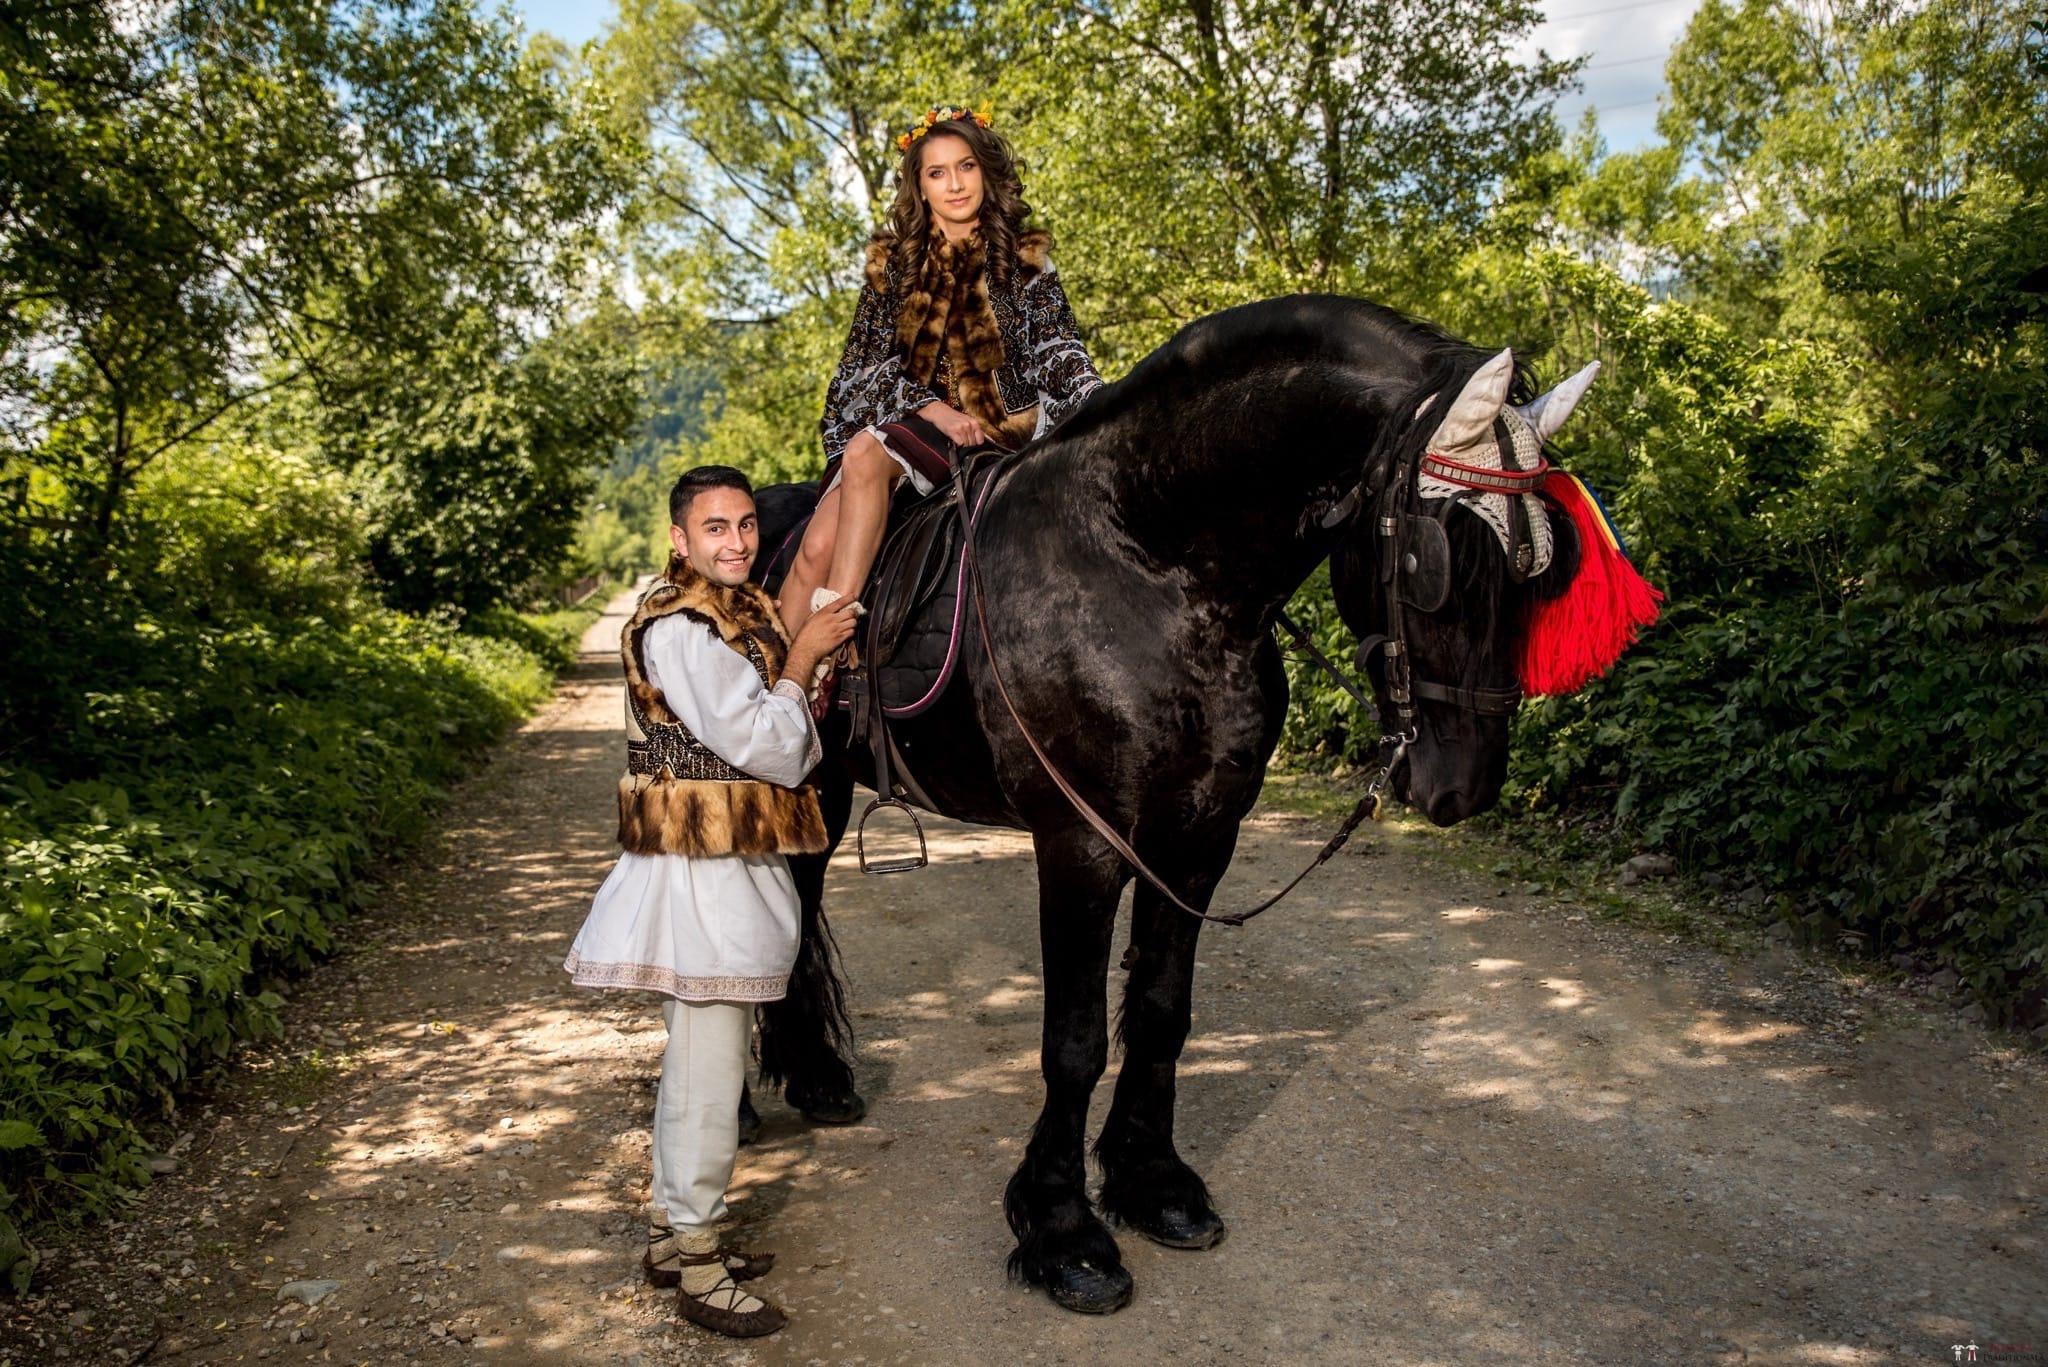 Povești Nunți Tradiționale - Irina și Alexandru, nuntă în Câmpulung Moldovenesc, Suceava 49